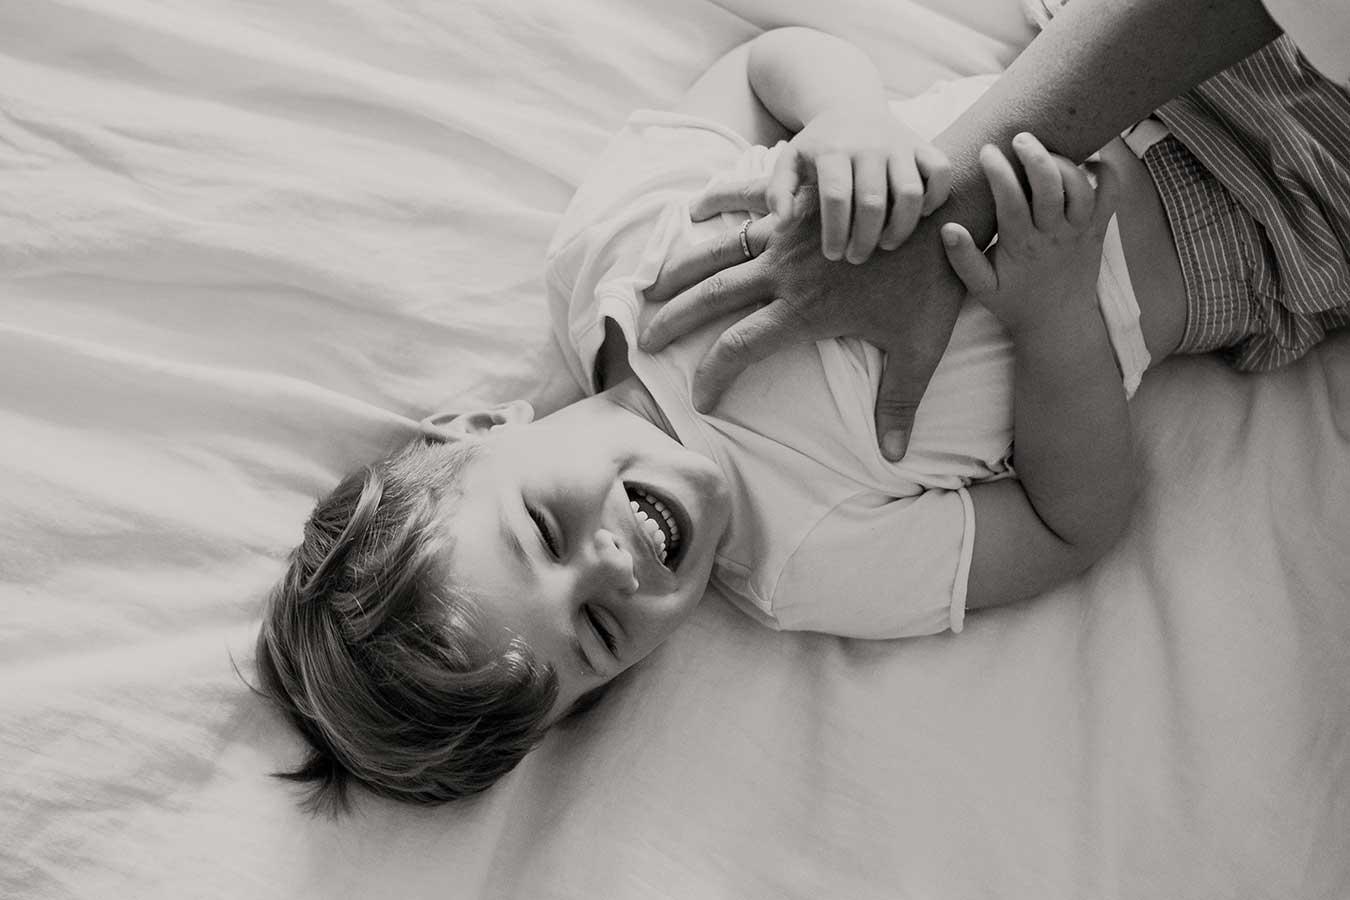 motherhood-photography-mothers-day-gift-2